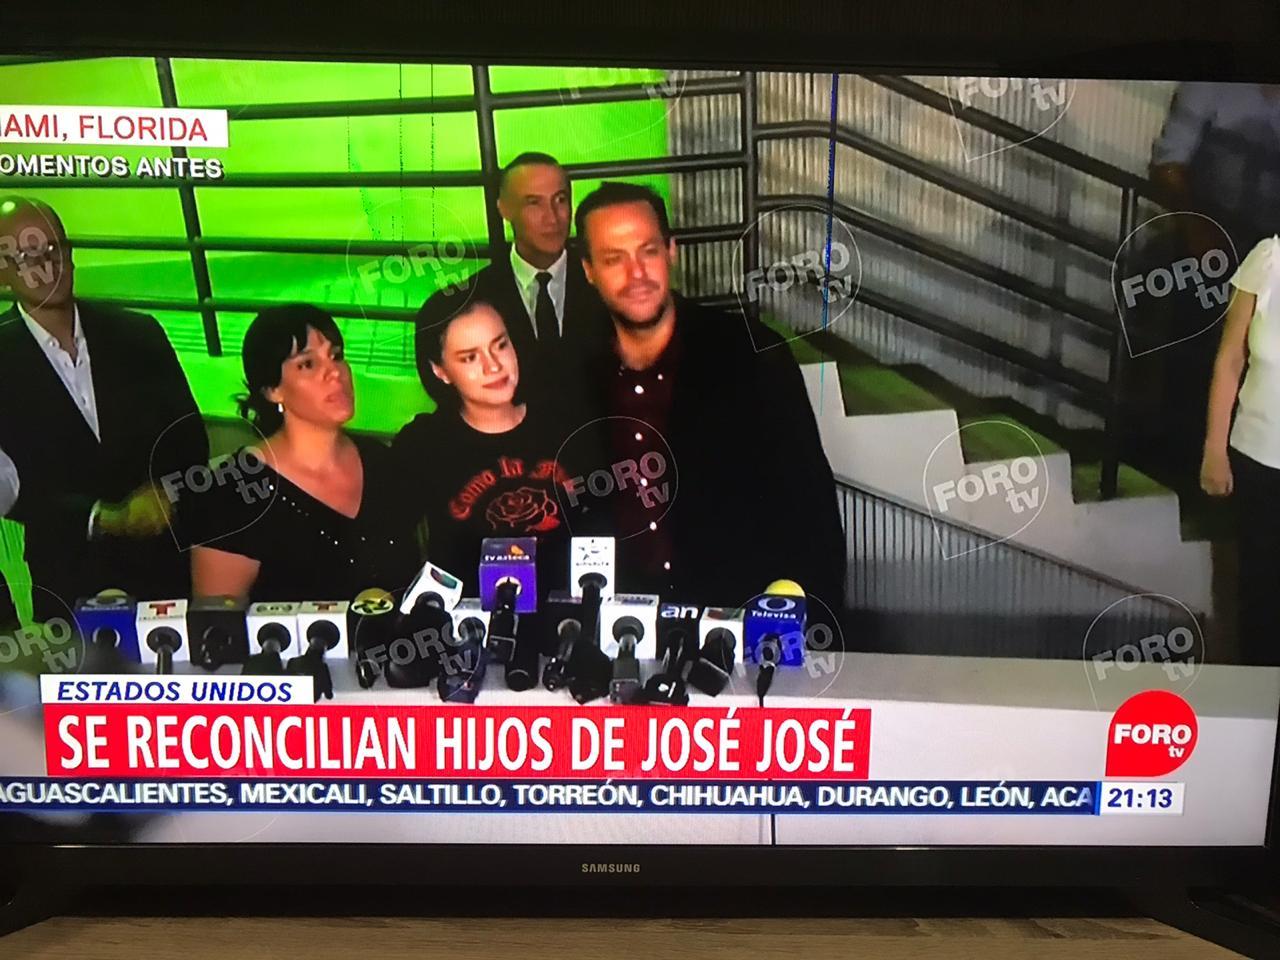 Sarita José Joel y Marysol hijos de José José se reconcilian